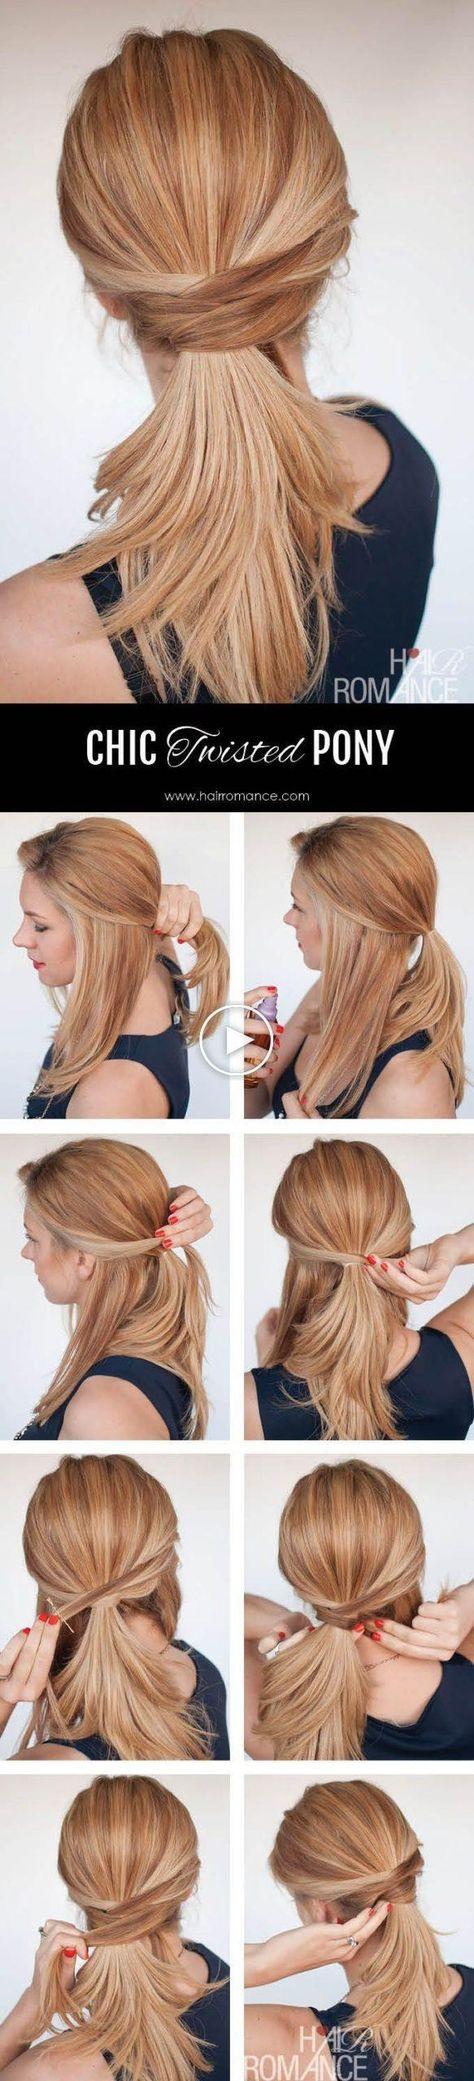 20 increíbles tutoriales de cabello de cola de caballo para principiantes